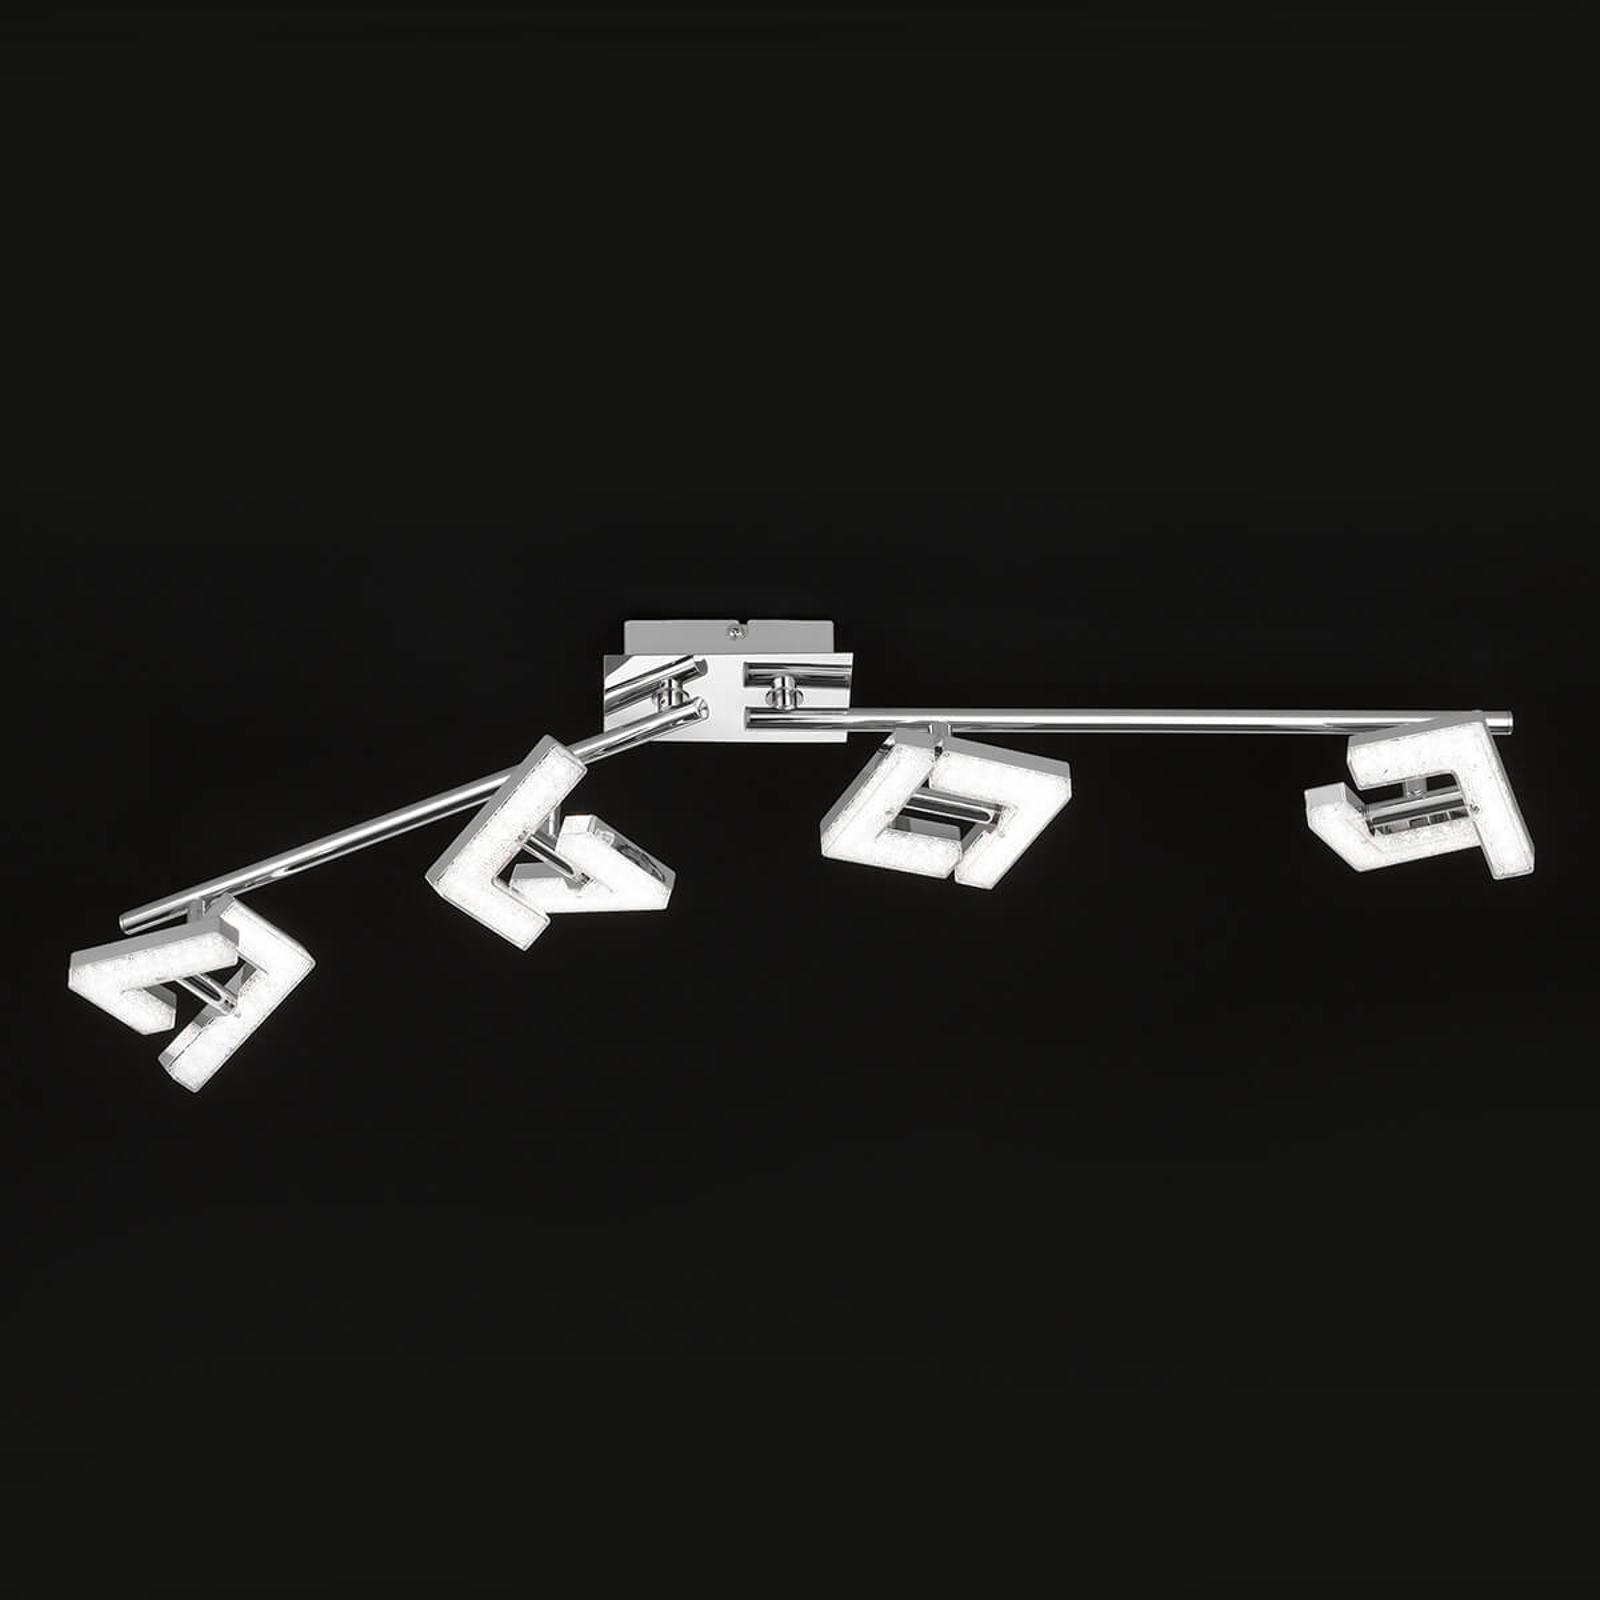 Moneensuuntaan säädettävä LED-kattovalaisin Lea